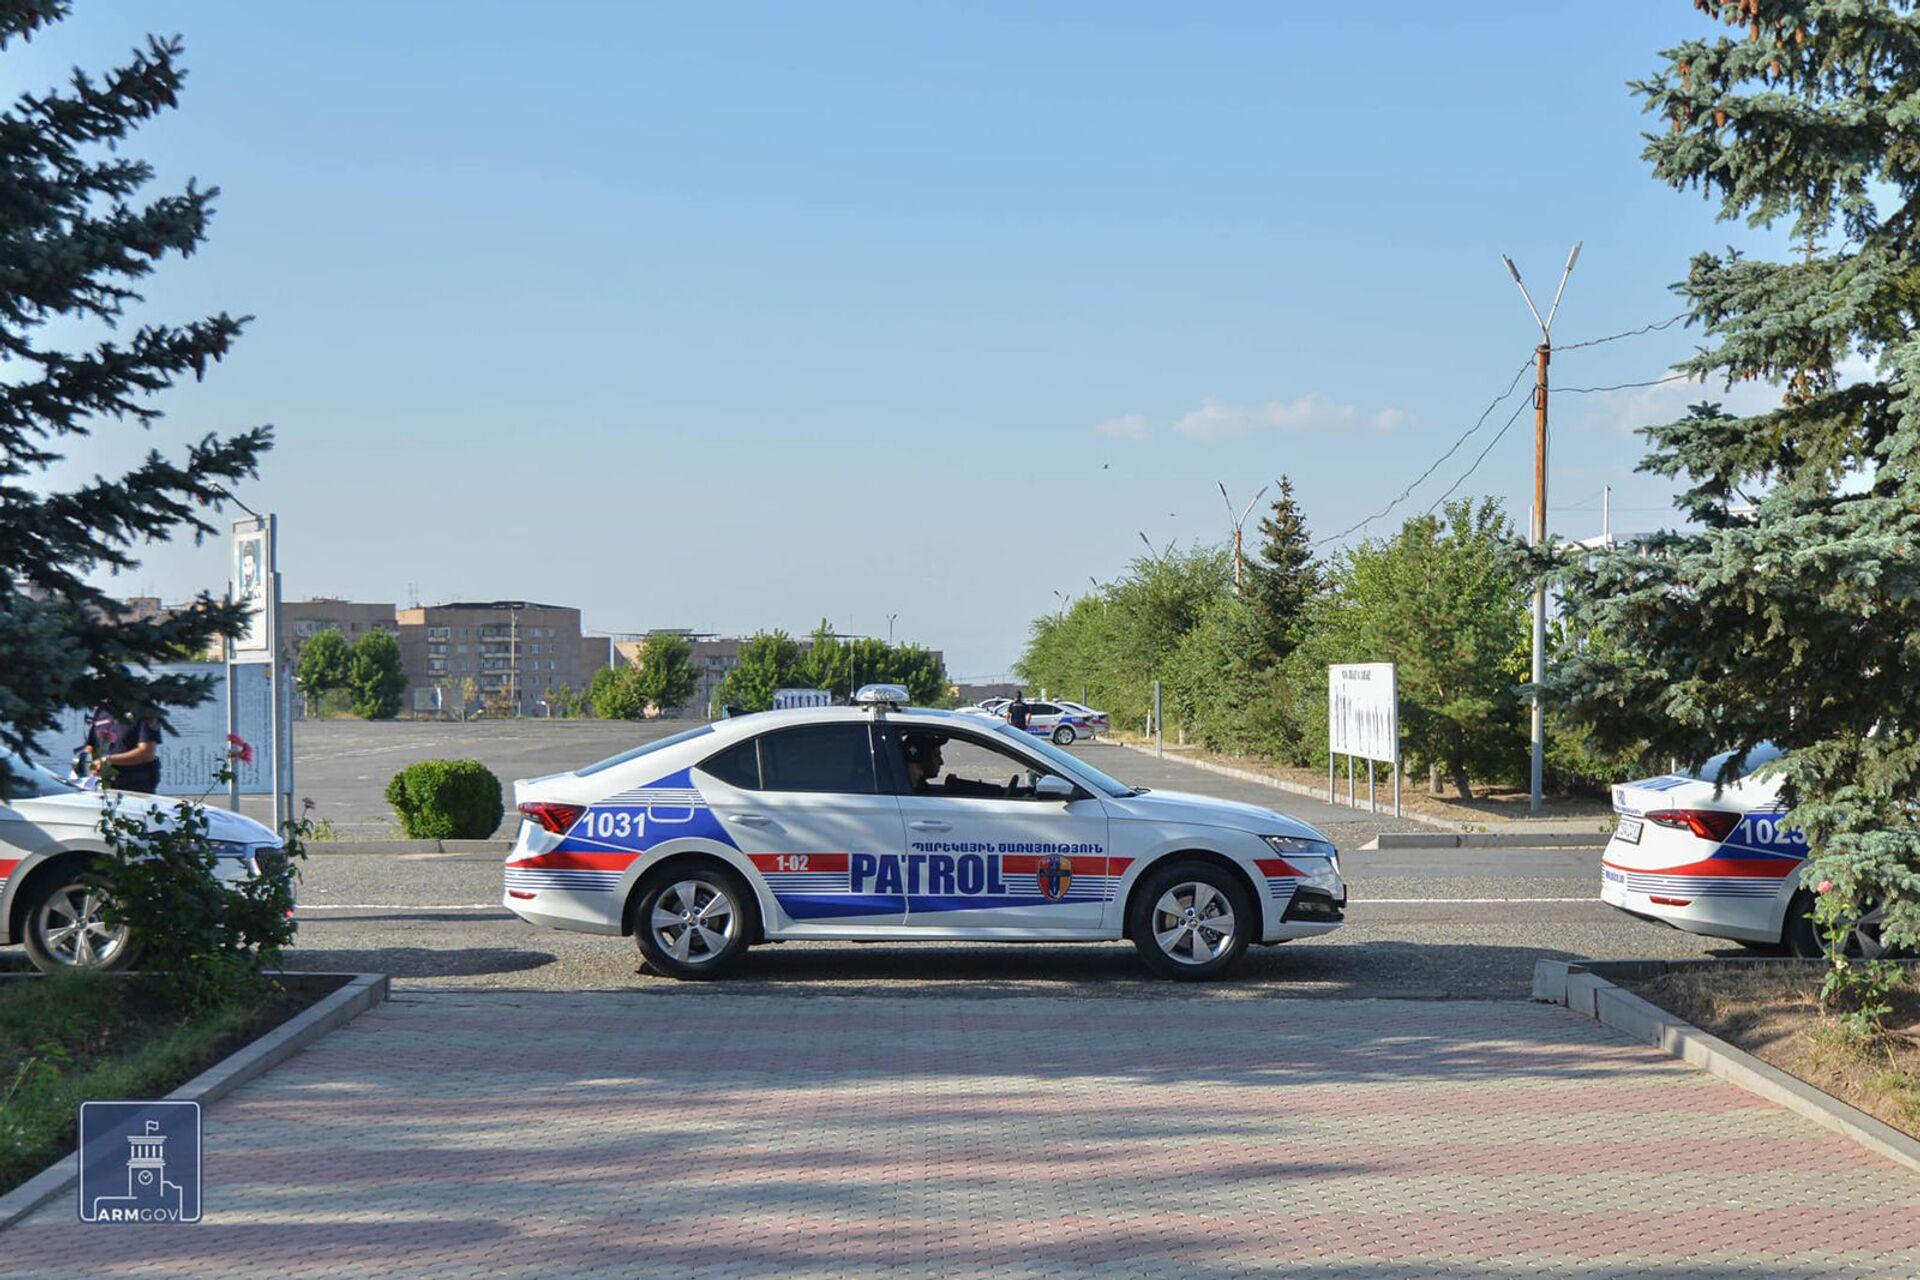 Դիմավորեք. Երևանում ծառայության են դուրս եկել պարեկային ոստիկանության ծառայողները - Sputnik Արմենիա, 1920, 07.07.2021